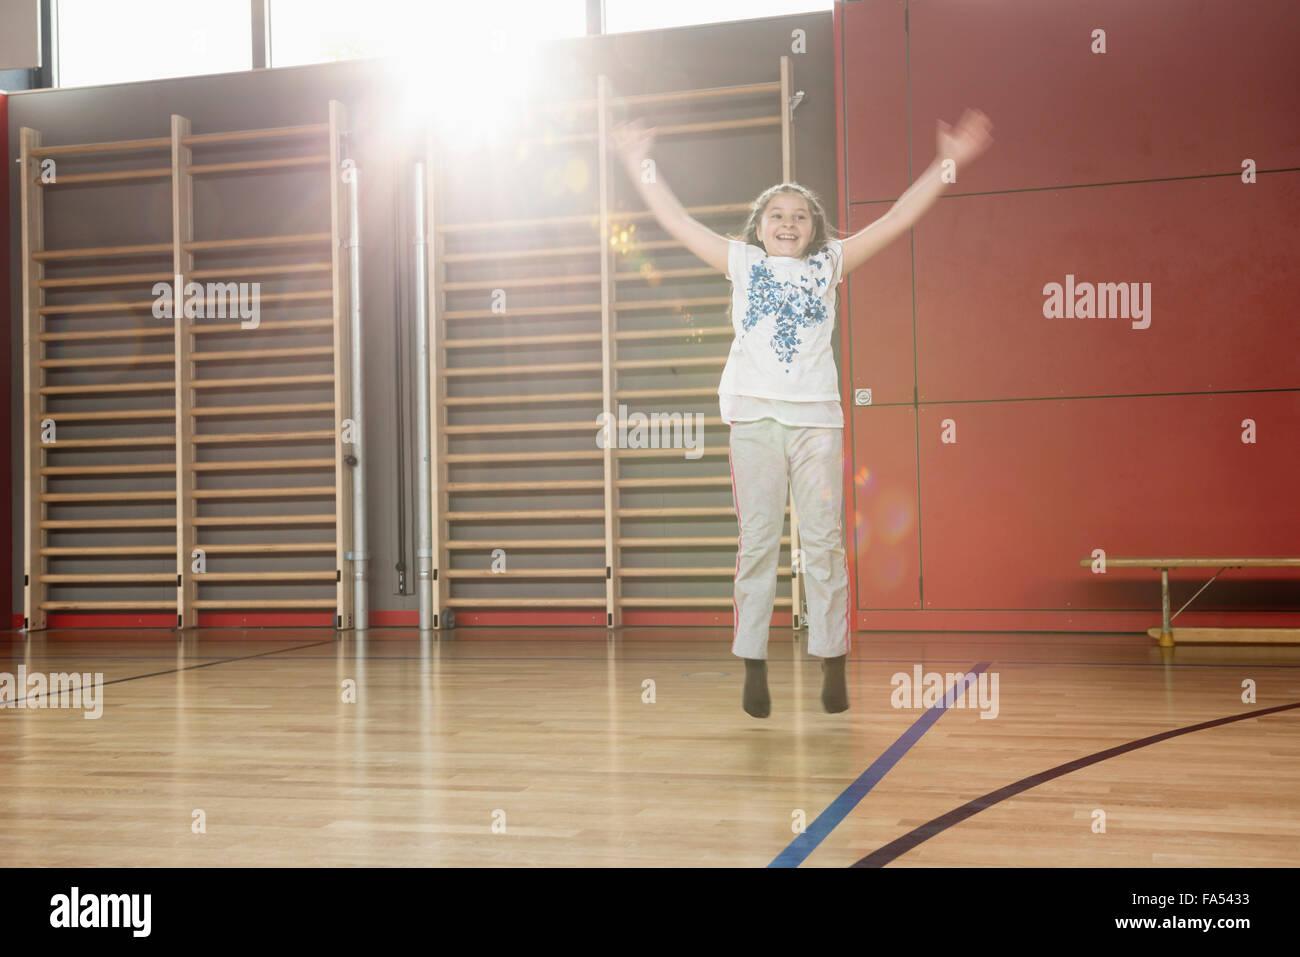 La pequeña niña alegre saltando en Sports Hall, Munich, Baviera, Alemania Imagen De Stock